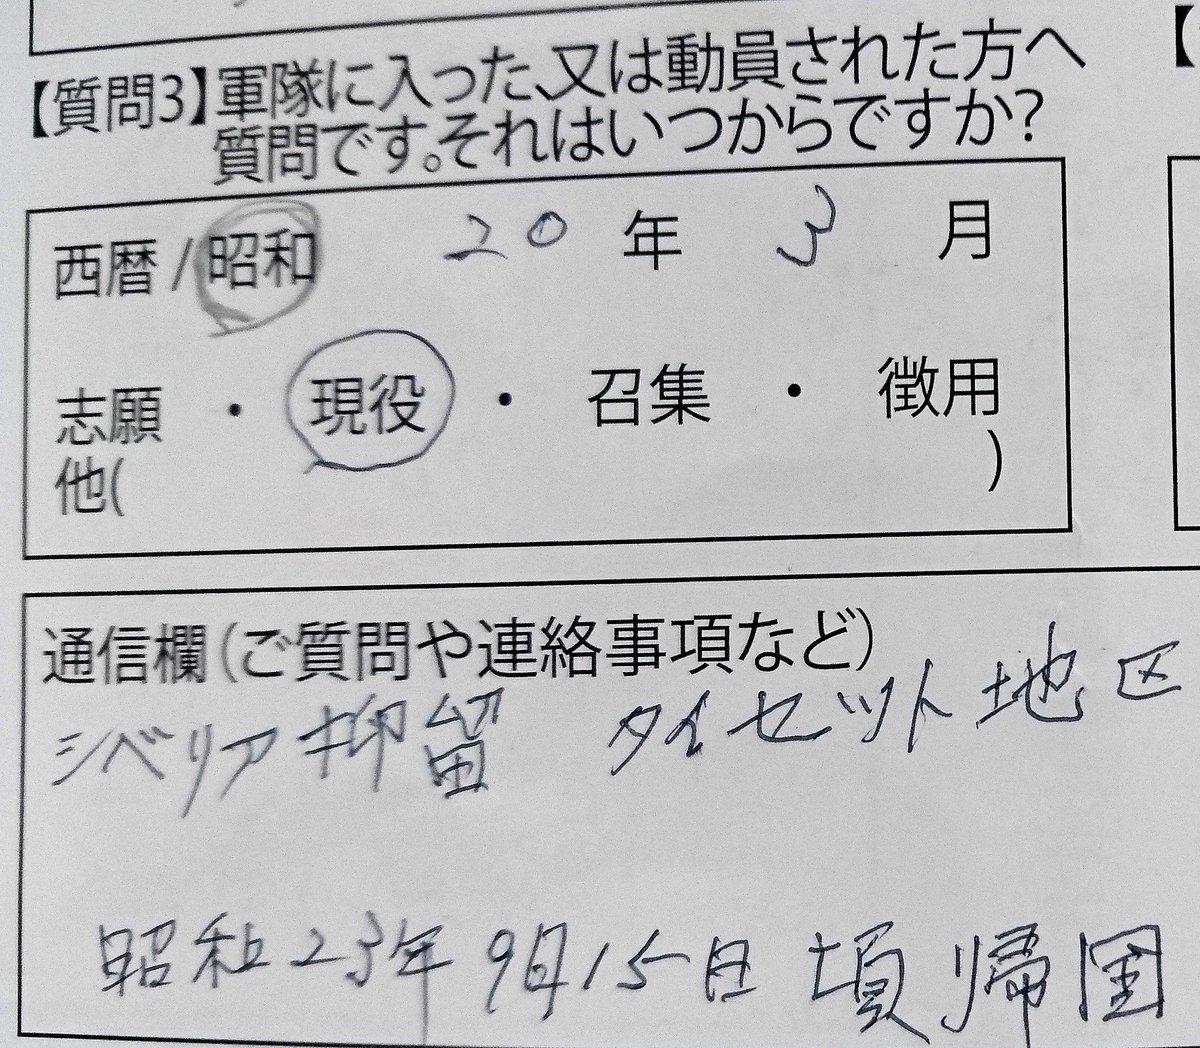 戦場体験放映保存の会🐣 on Twitt...